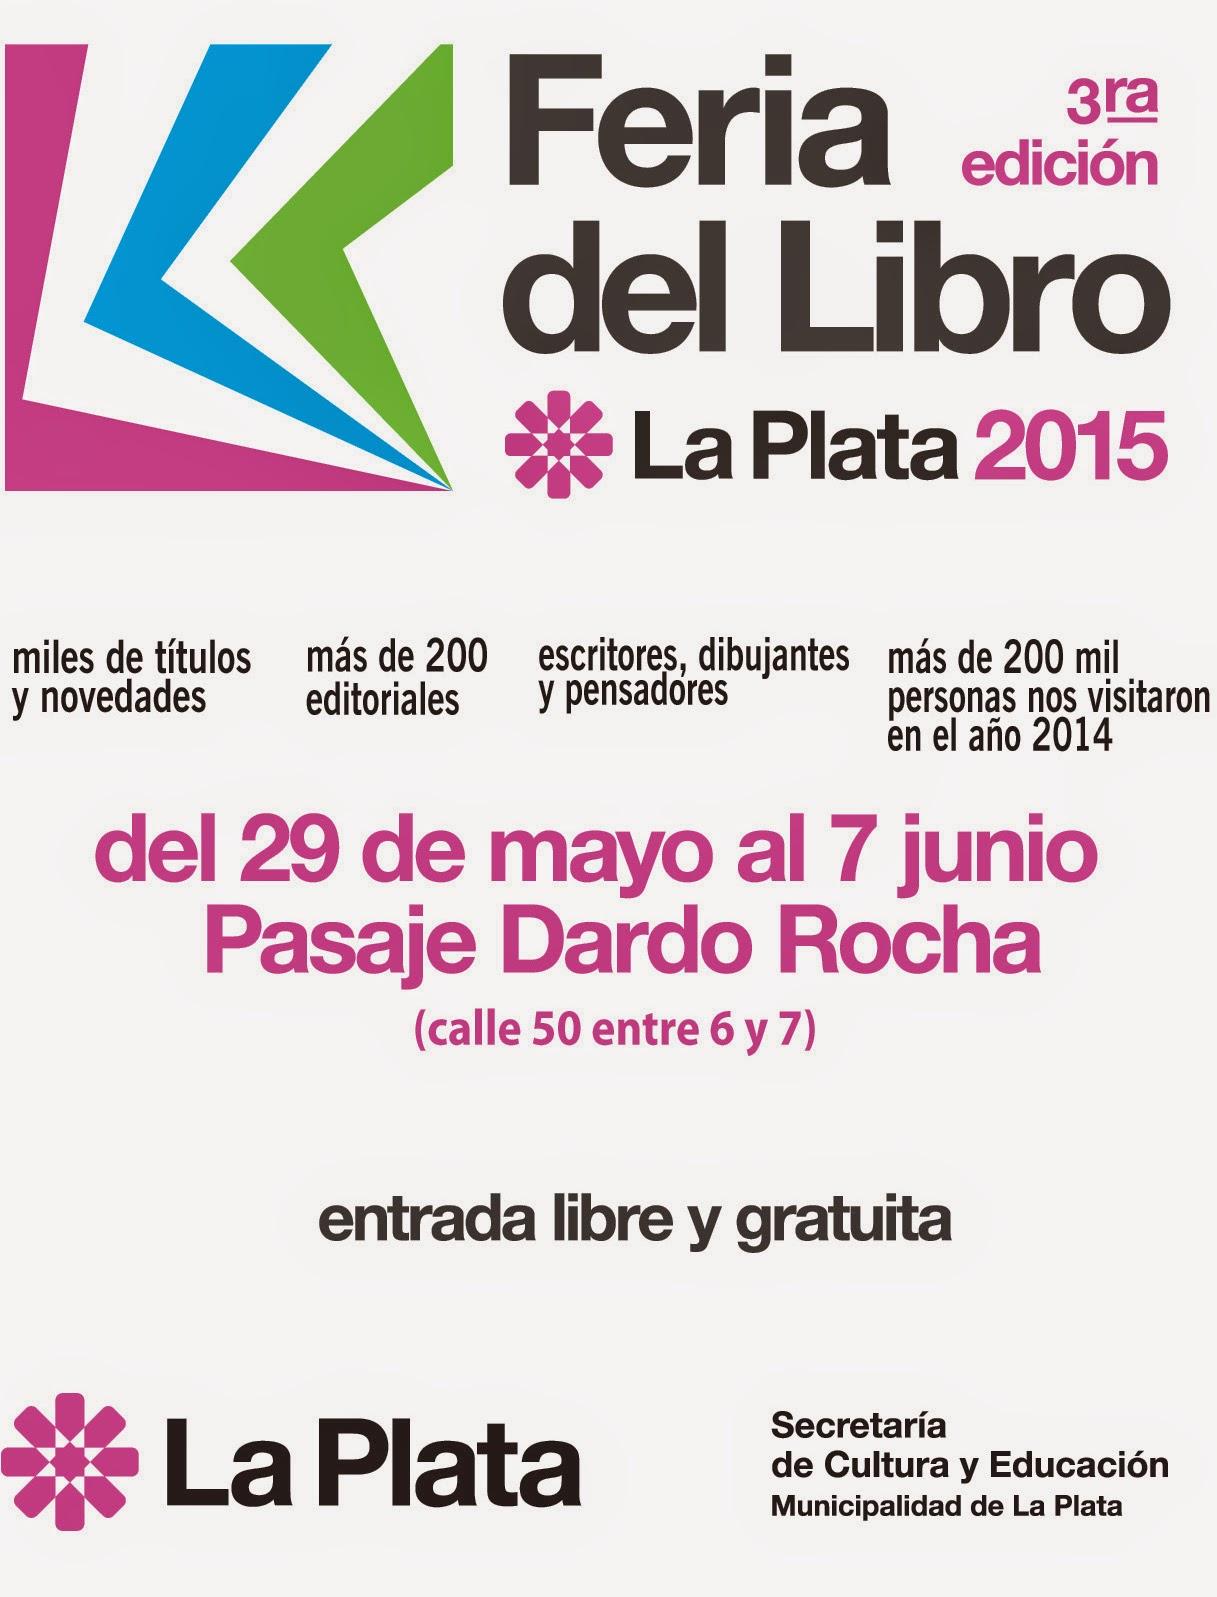 FERIA DEL LIBRO CIUDAD DE LA PLATA